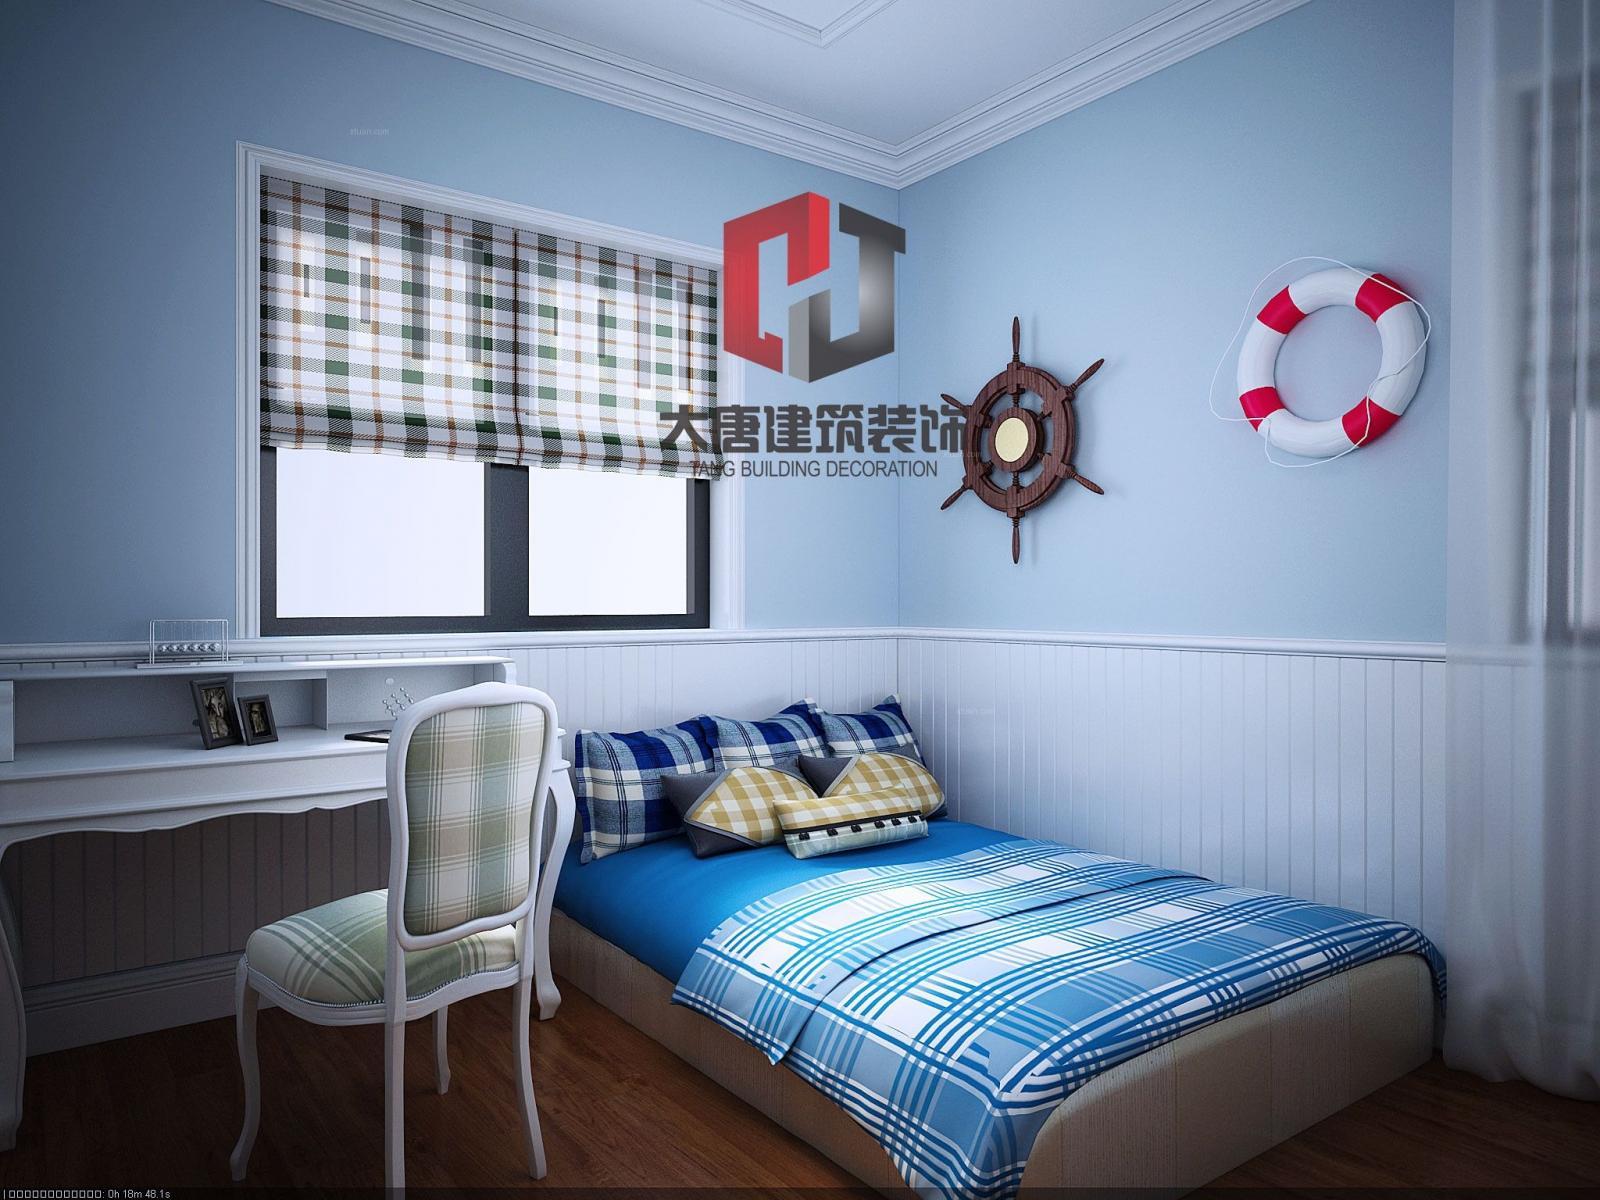 背景墙 房间 家居 起居室 设计 卧室 卧室装修 现代 装修 2048_1536